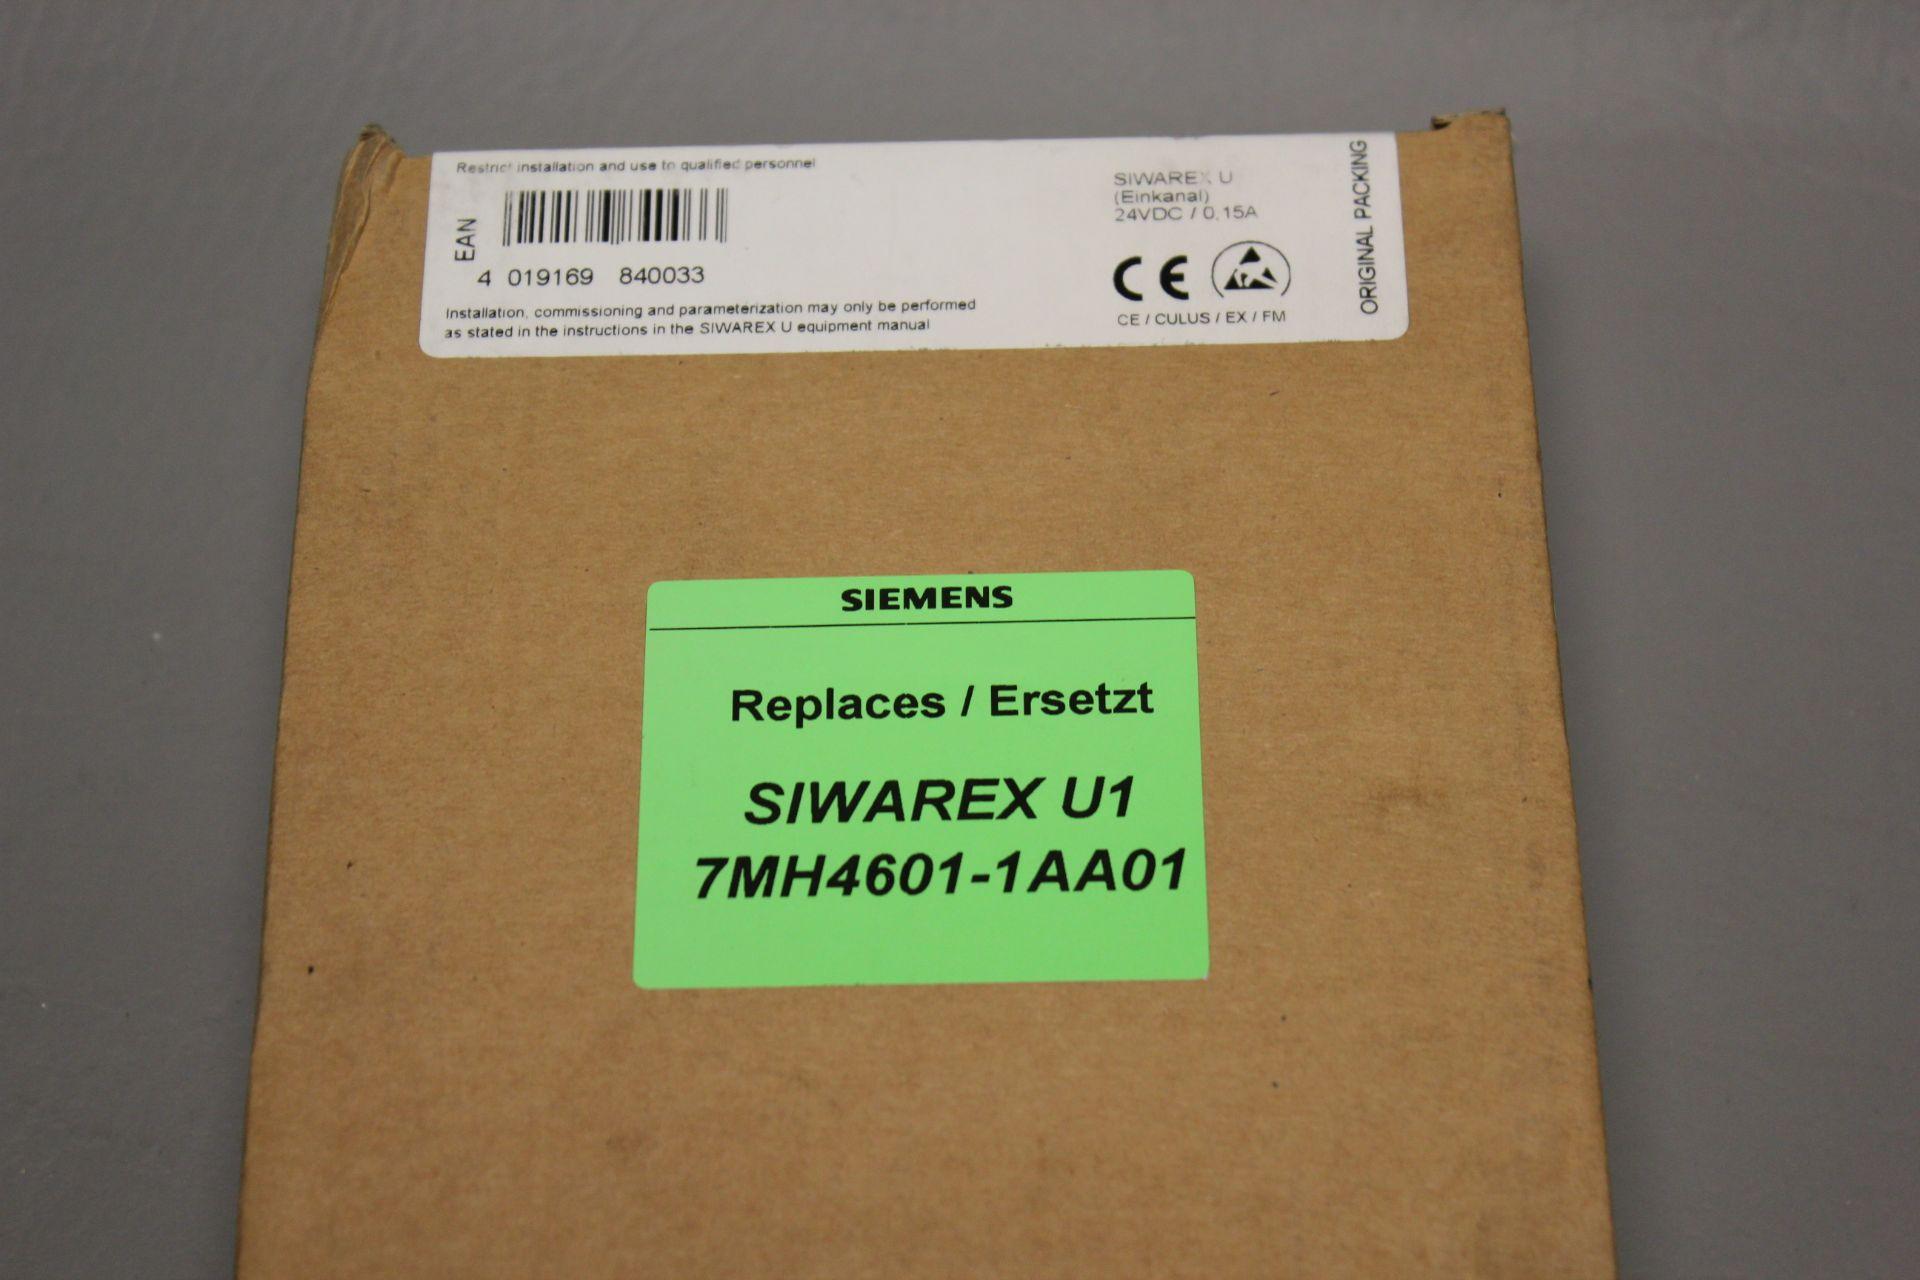 NEW SIEMENS SIWAREX U WEIGHING MODULE - Image 4 of 5